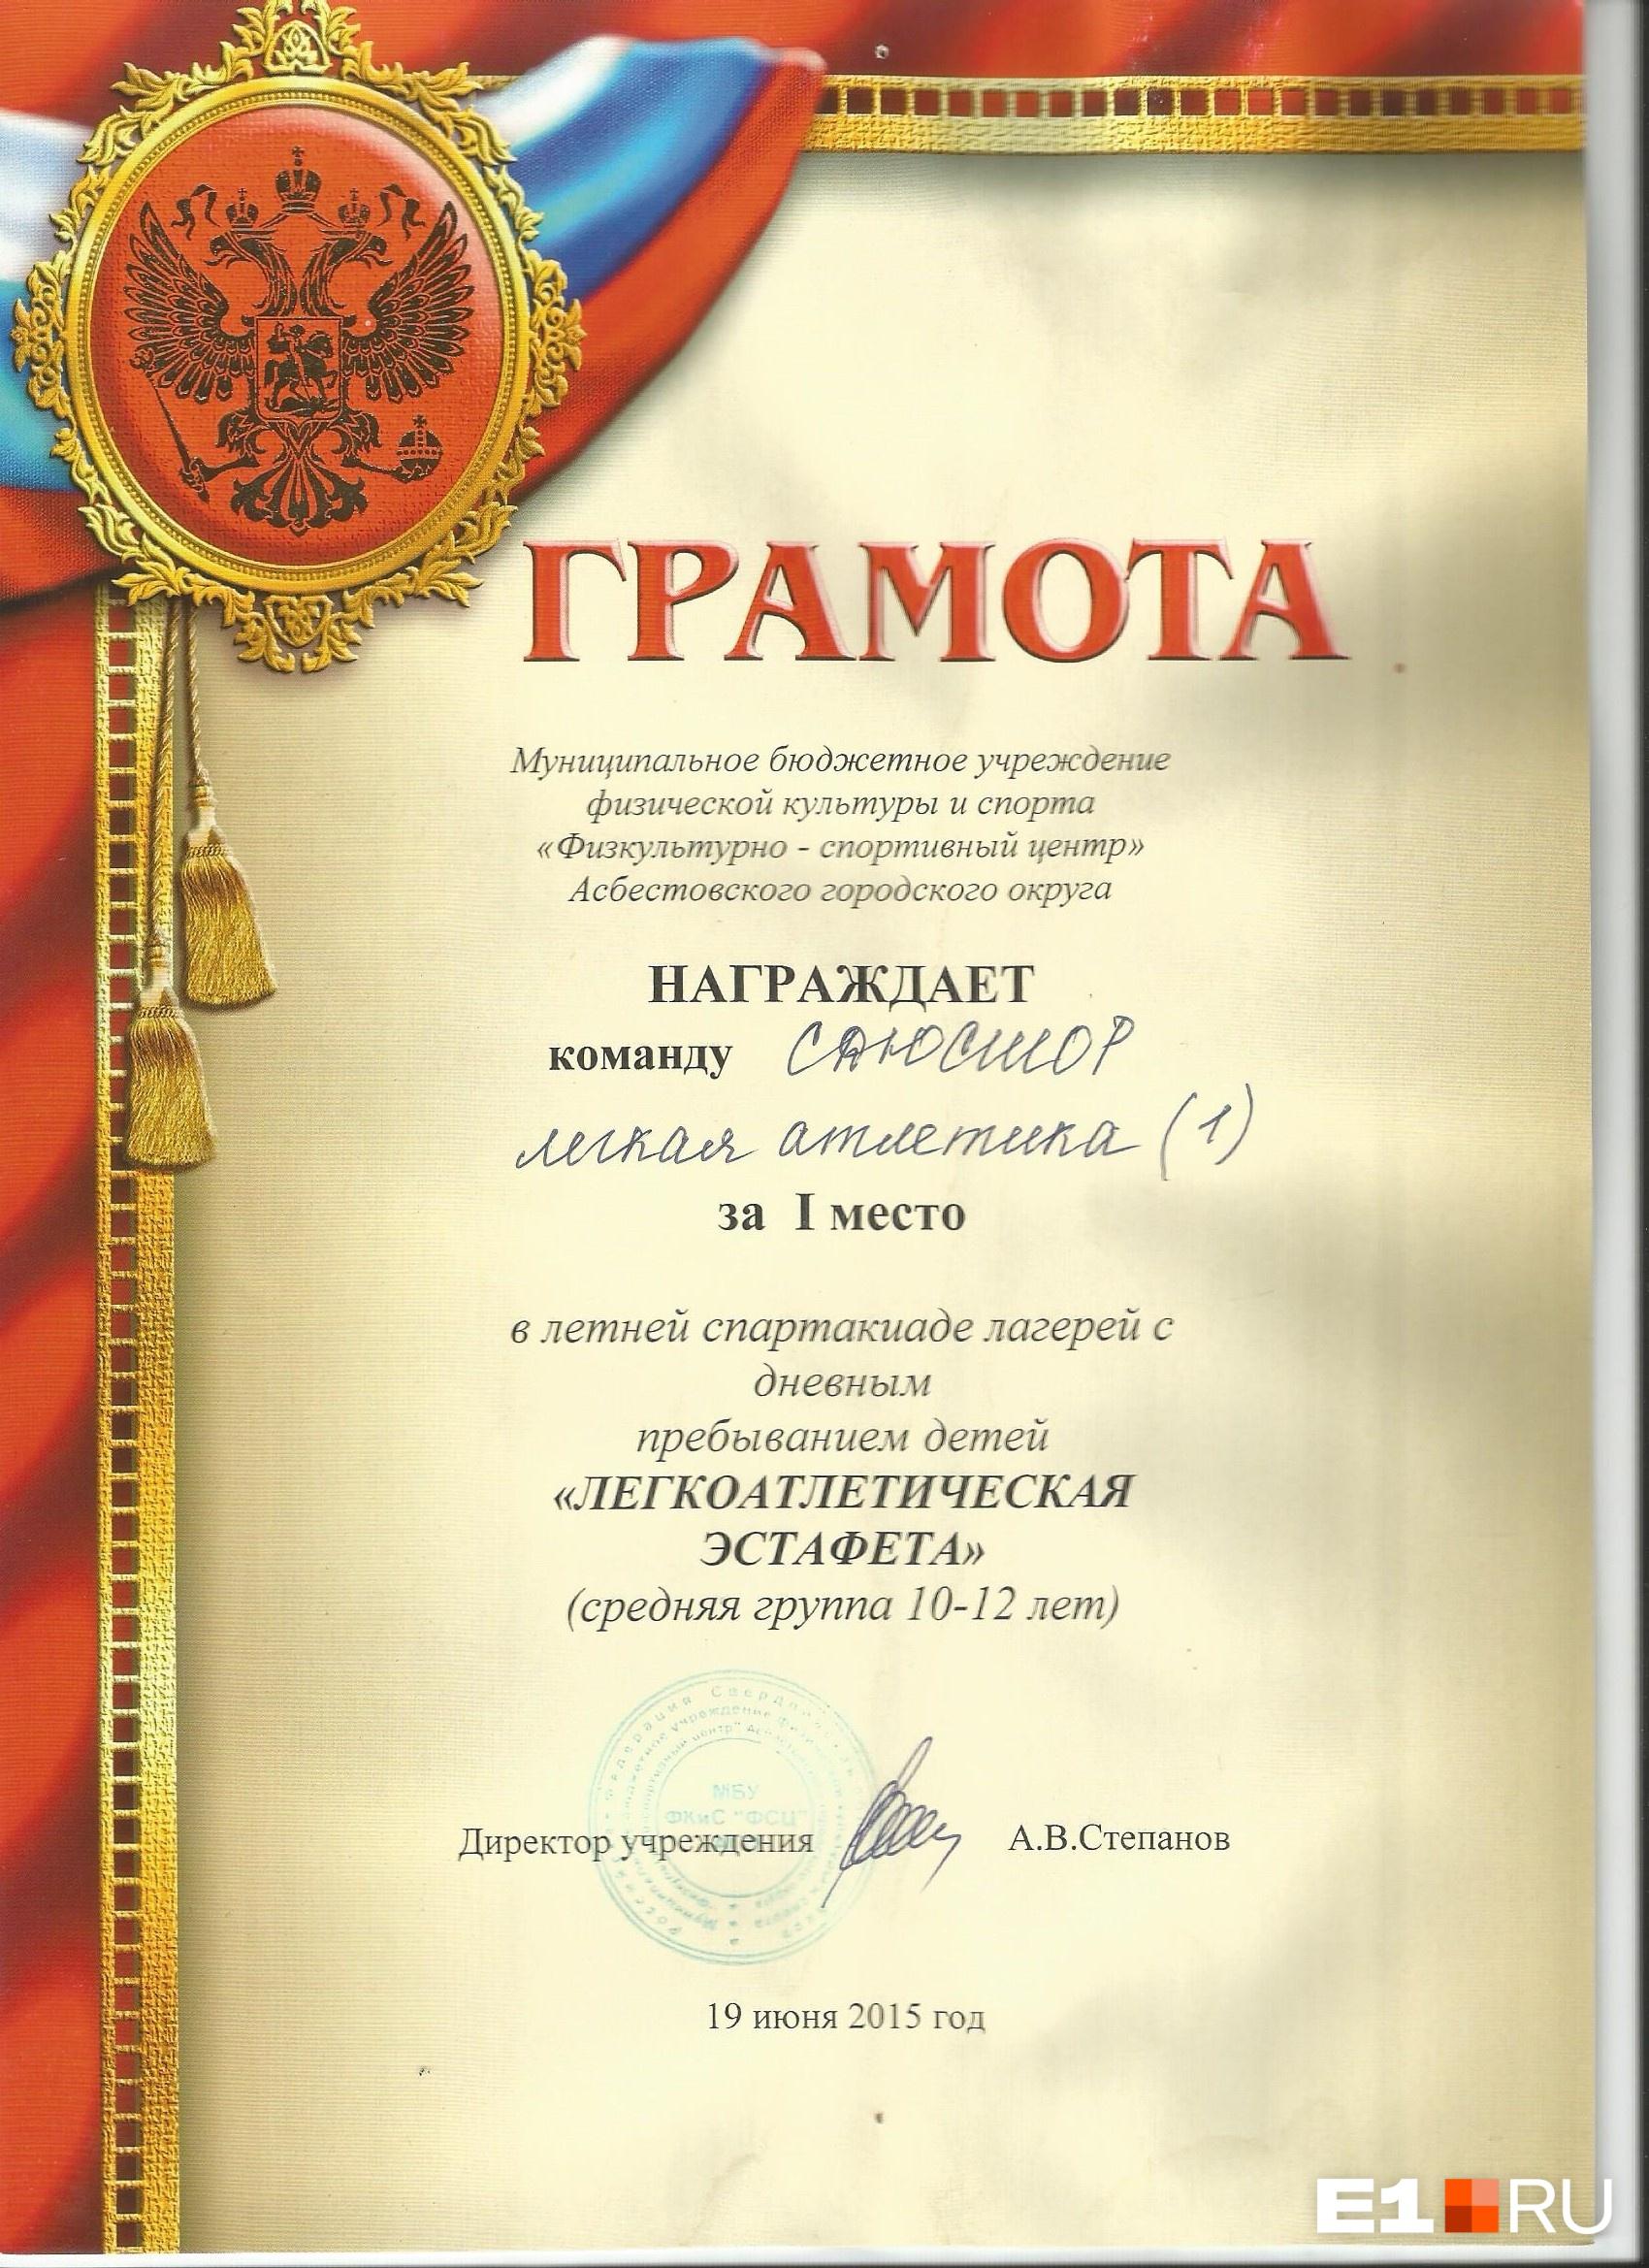 Команды Владислава всегда занимали призовые места